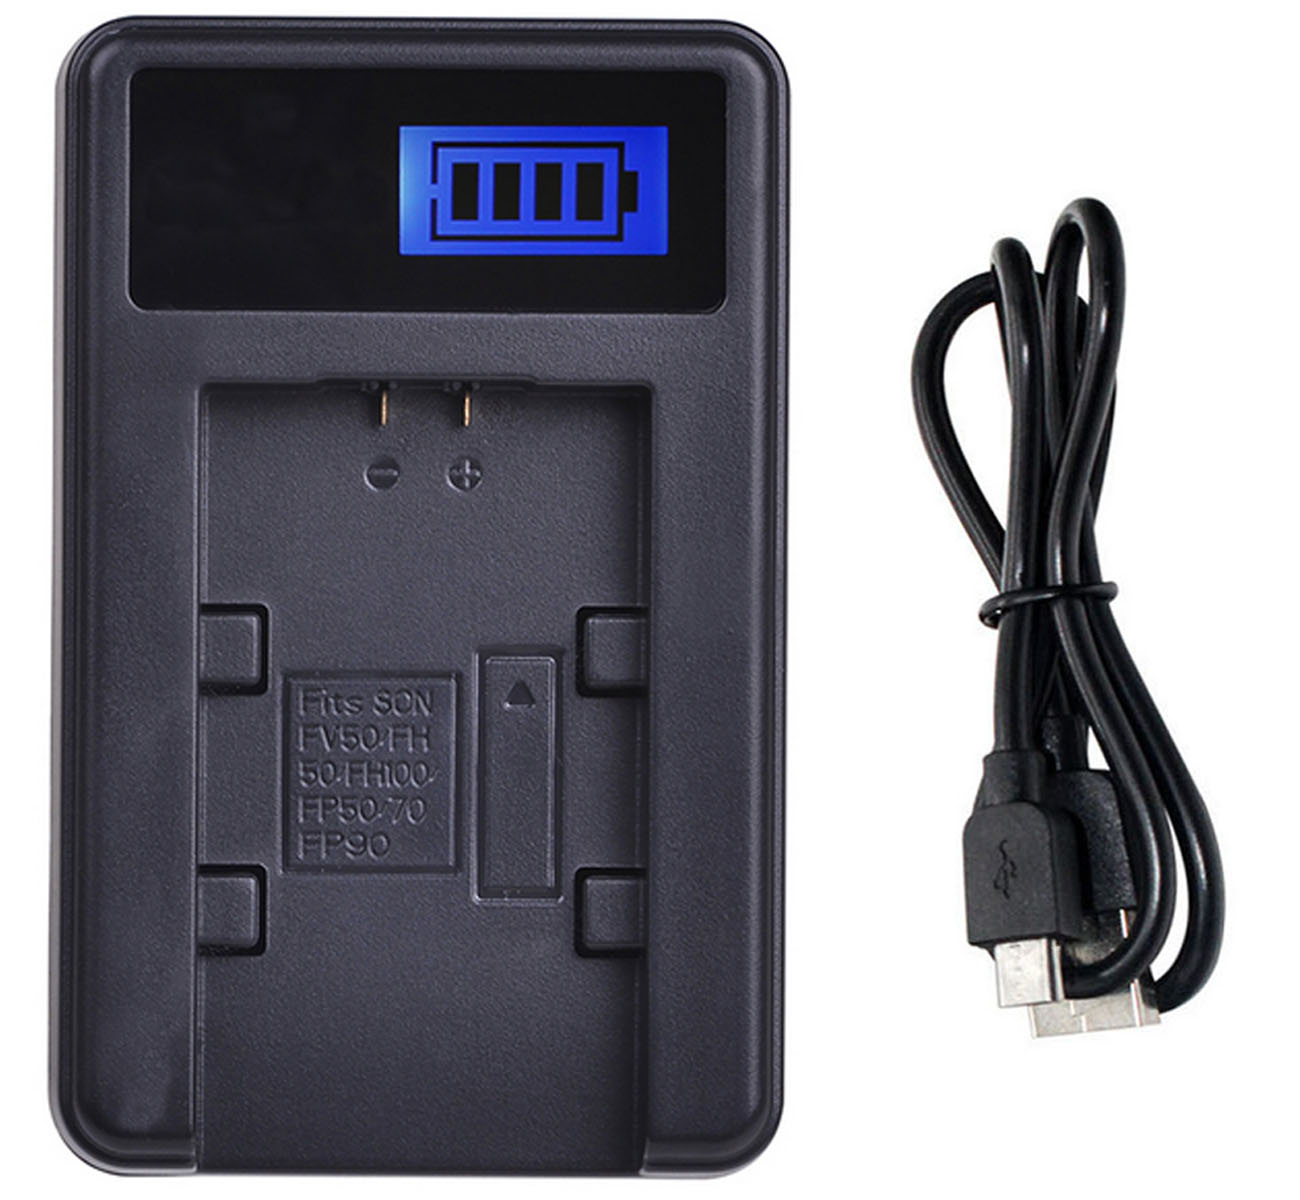 Battery Pack for Sony DCR-SX33E DCR-SX43E DCR-SX53E Handycam Camcorder